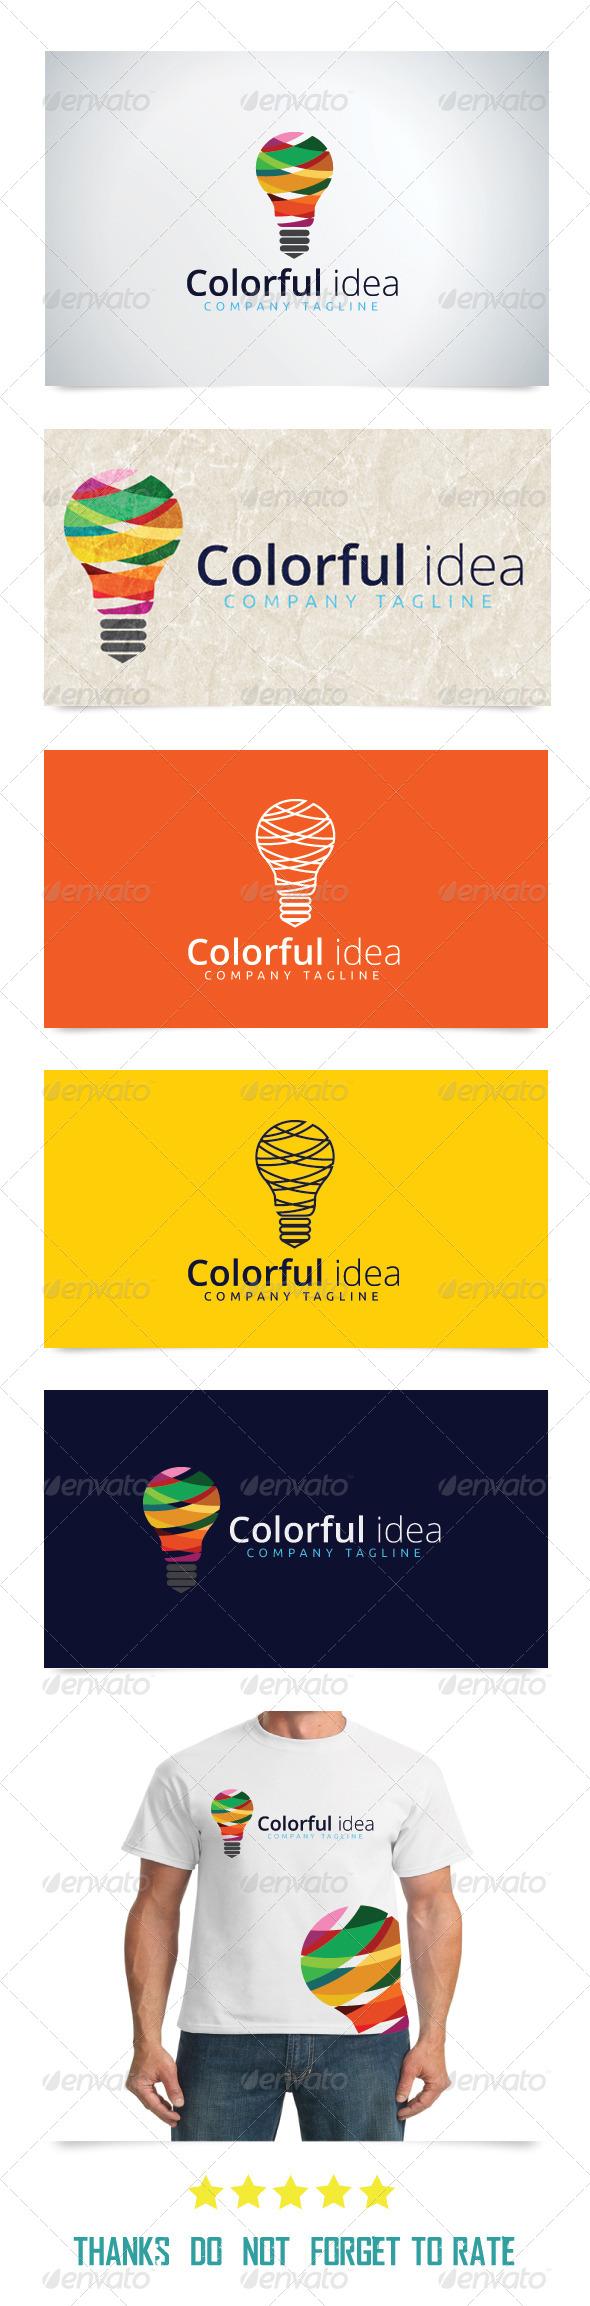 GraphicRiver Colorful Idea 7602309